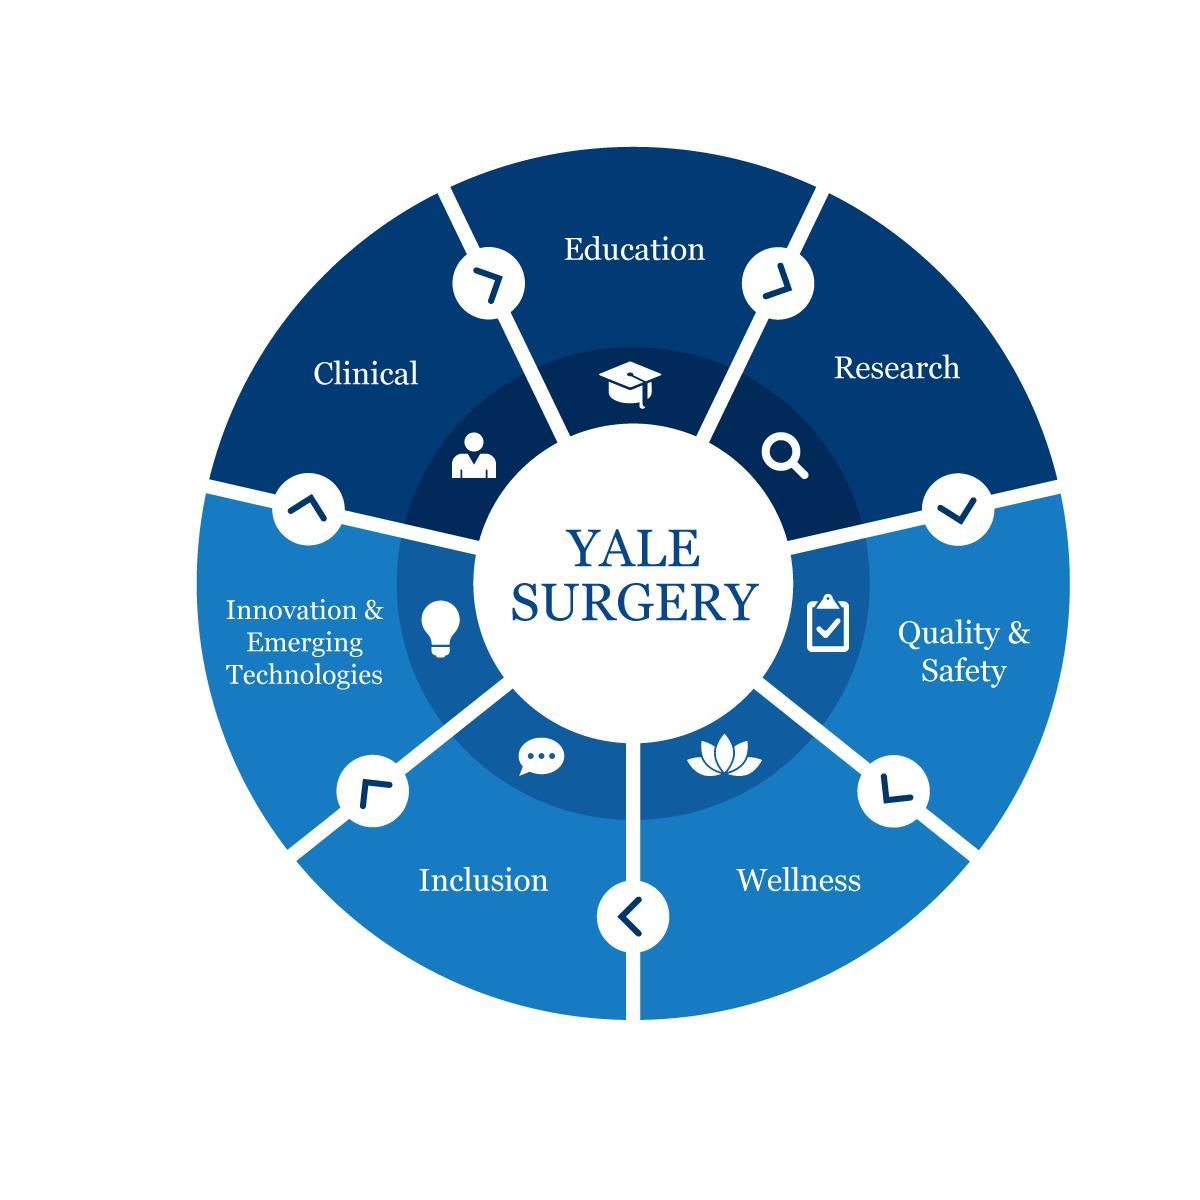 Yale Surgery Circle Chart